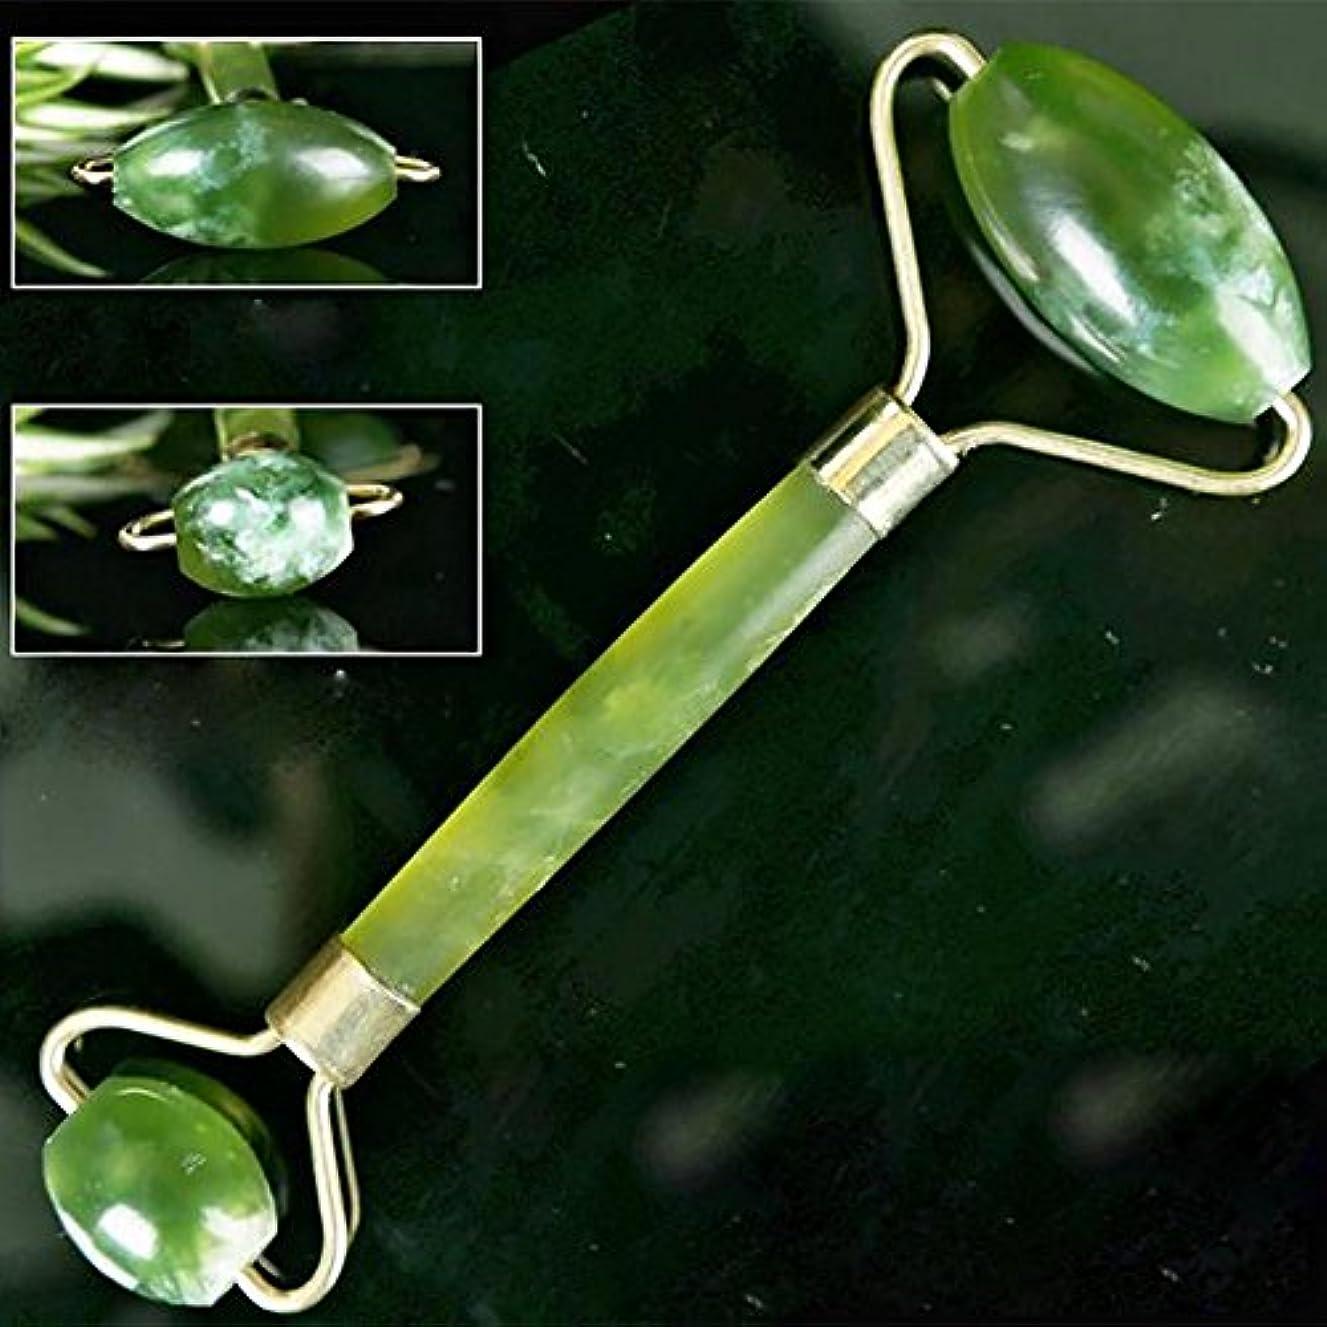 モロニック豊かな実行Echo & Kern 翡翠ローラーフェイスマッサジローラーGreen Crystal Double head Jade Roller